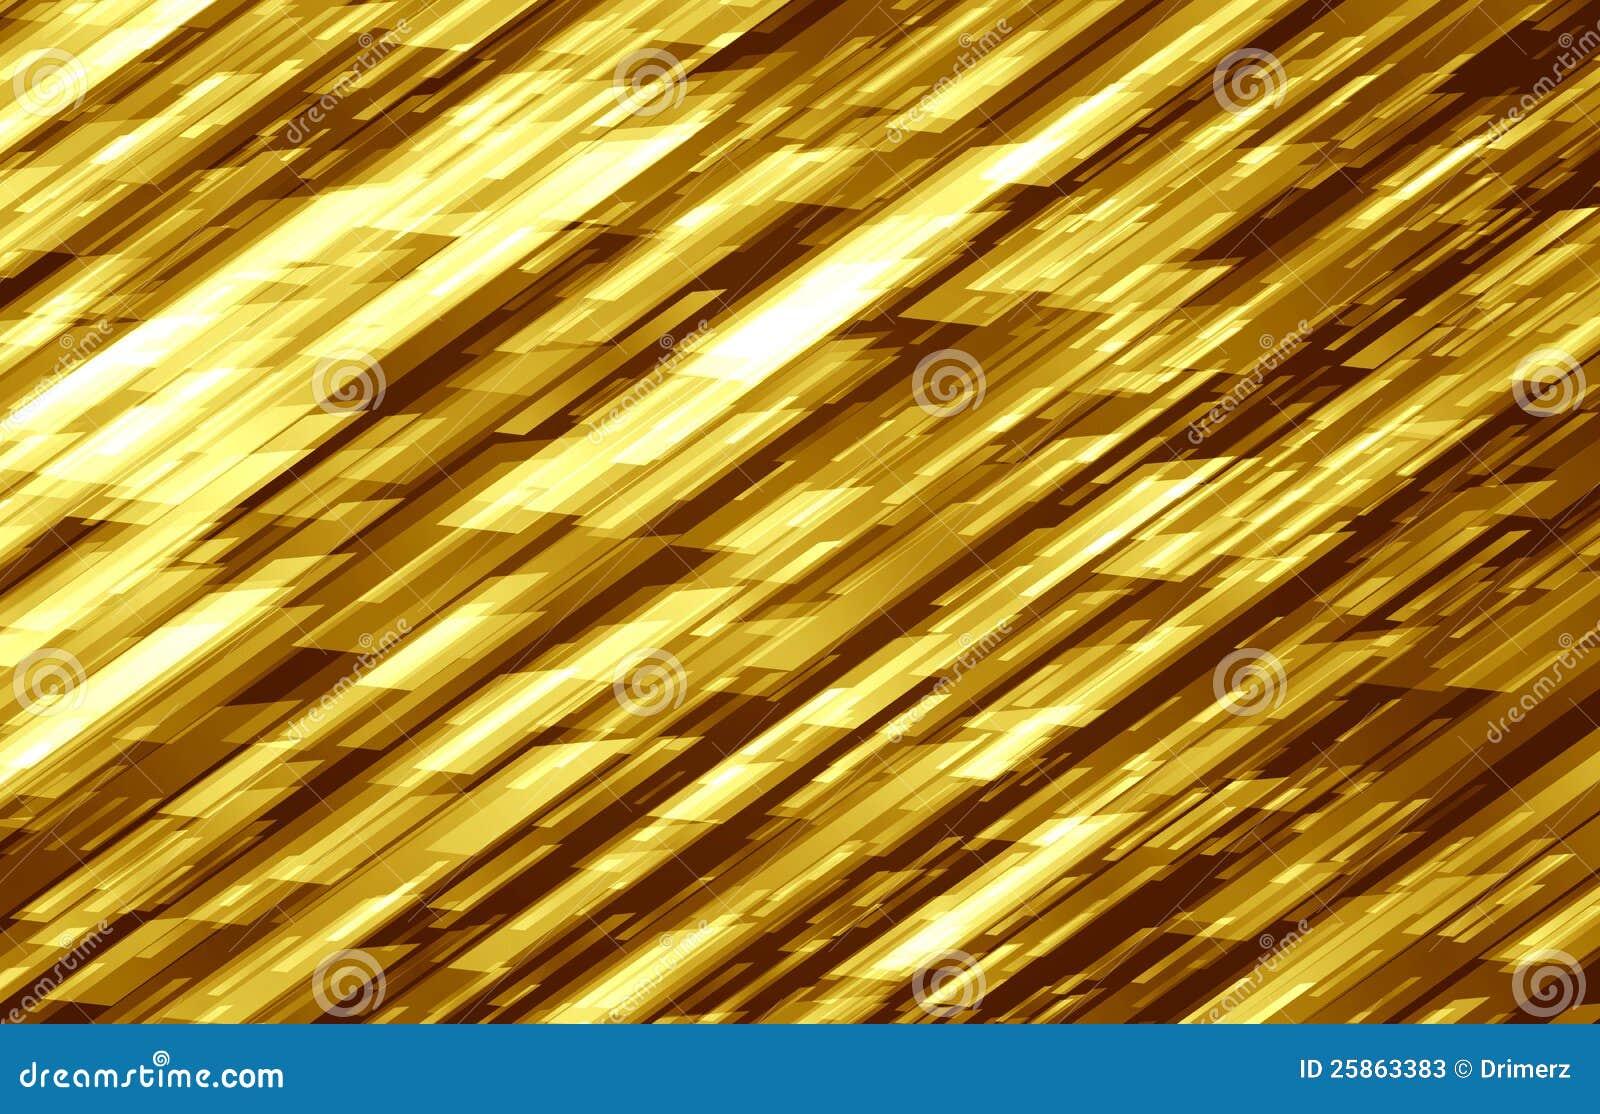 Carta da parati dell 39 oro illustrazione di stock for Carta da parati oro